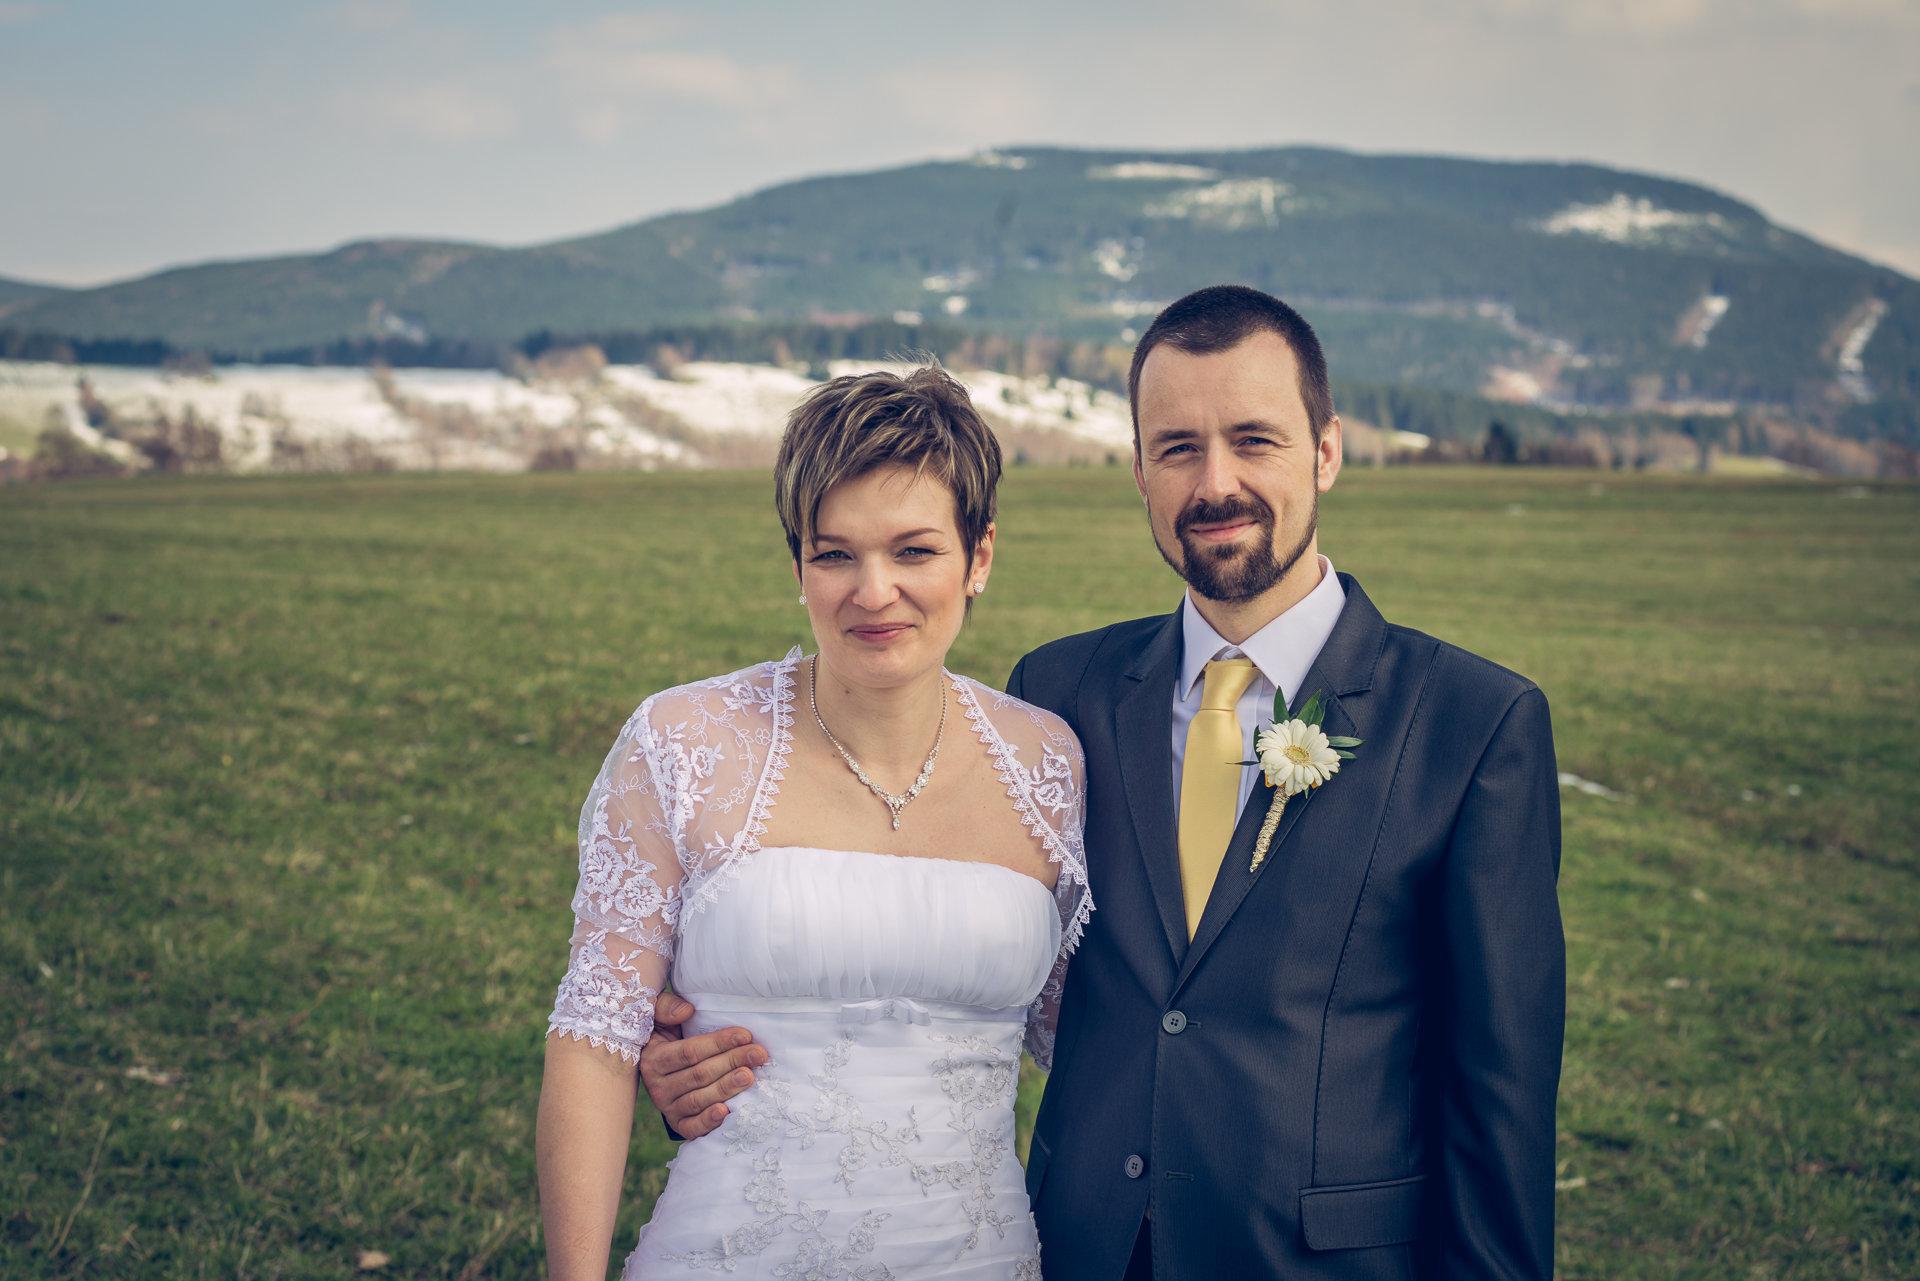 svatba-sedlackovi-16